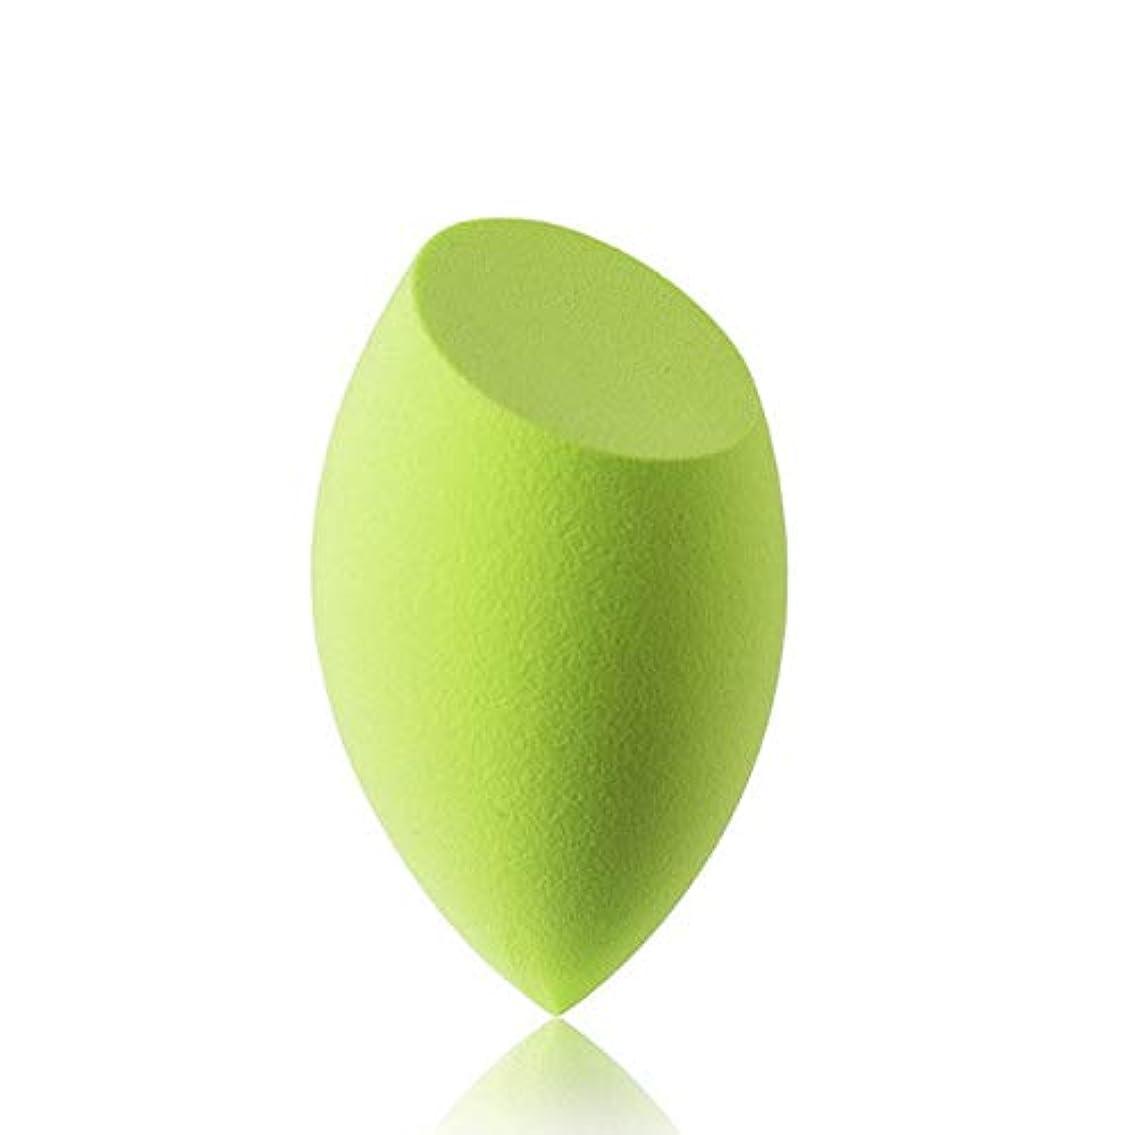 喪肥満啓発する美容スポンジ、ソフトブルー、グリーン美容エッグメイクブレンダーファンデーションスポンジ (Color : グリンー)